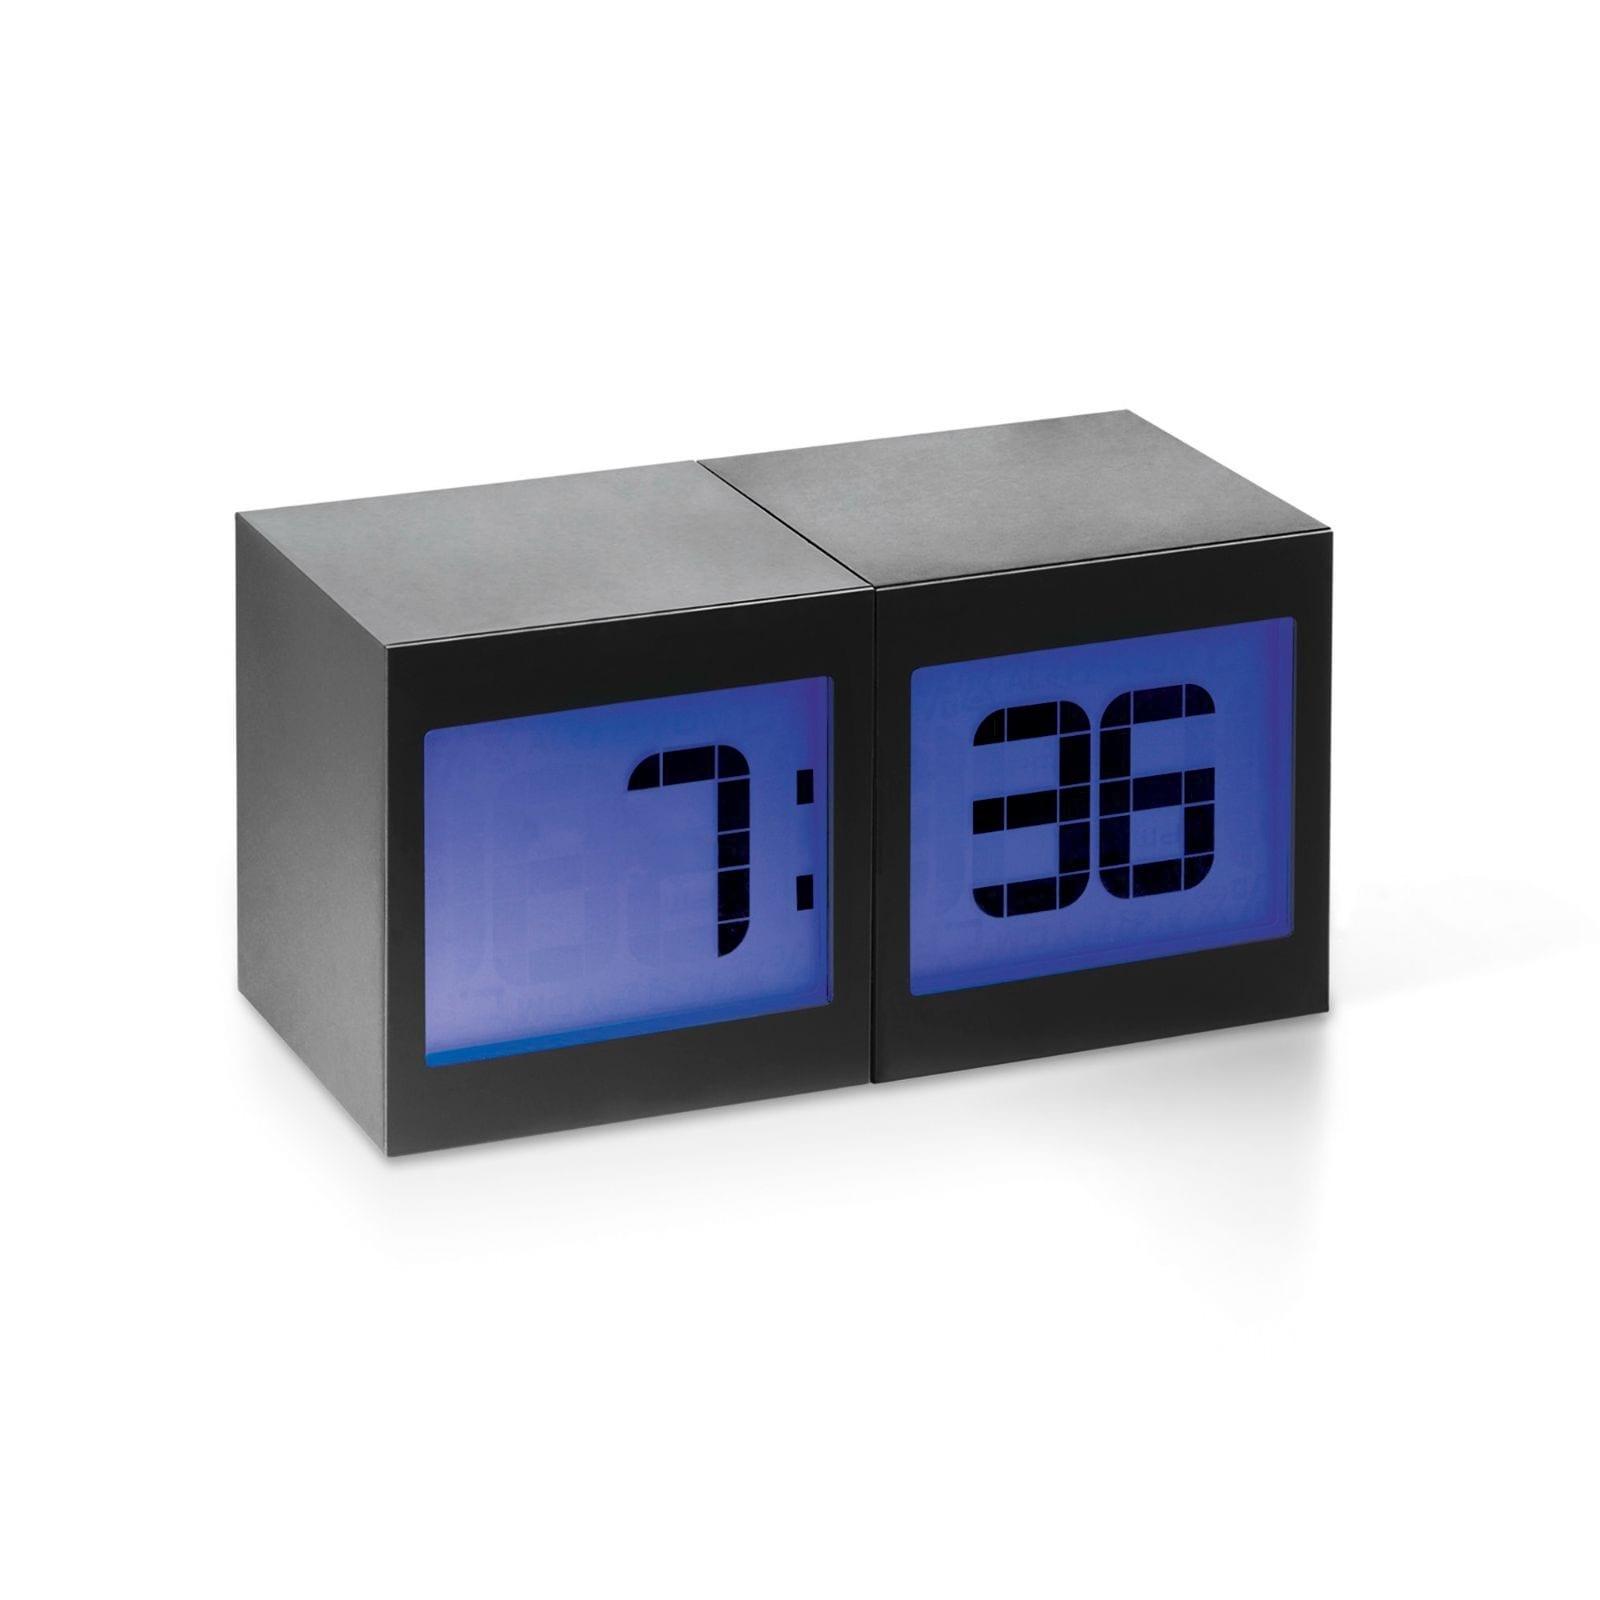 TWO Magical Alarm Clock (Black) - Philippi